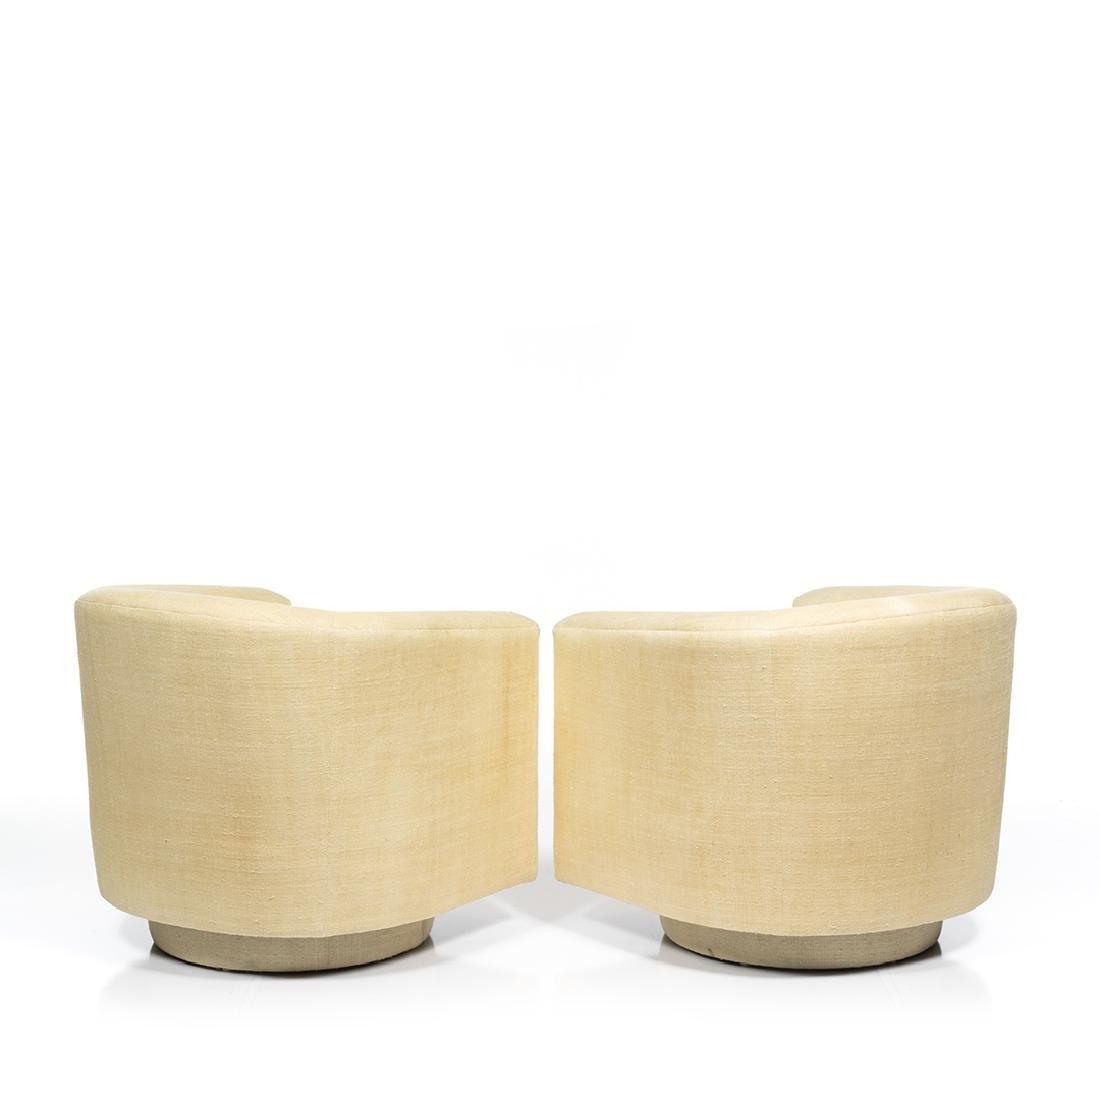 Martin Brattrud Club Chairs (2) - 4